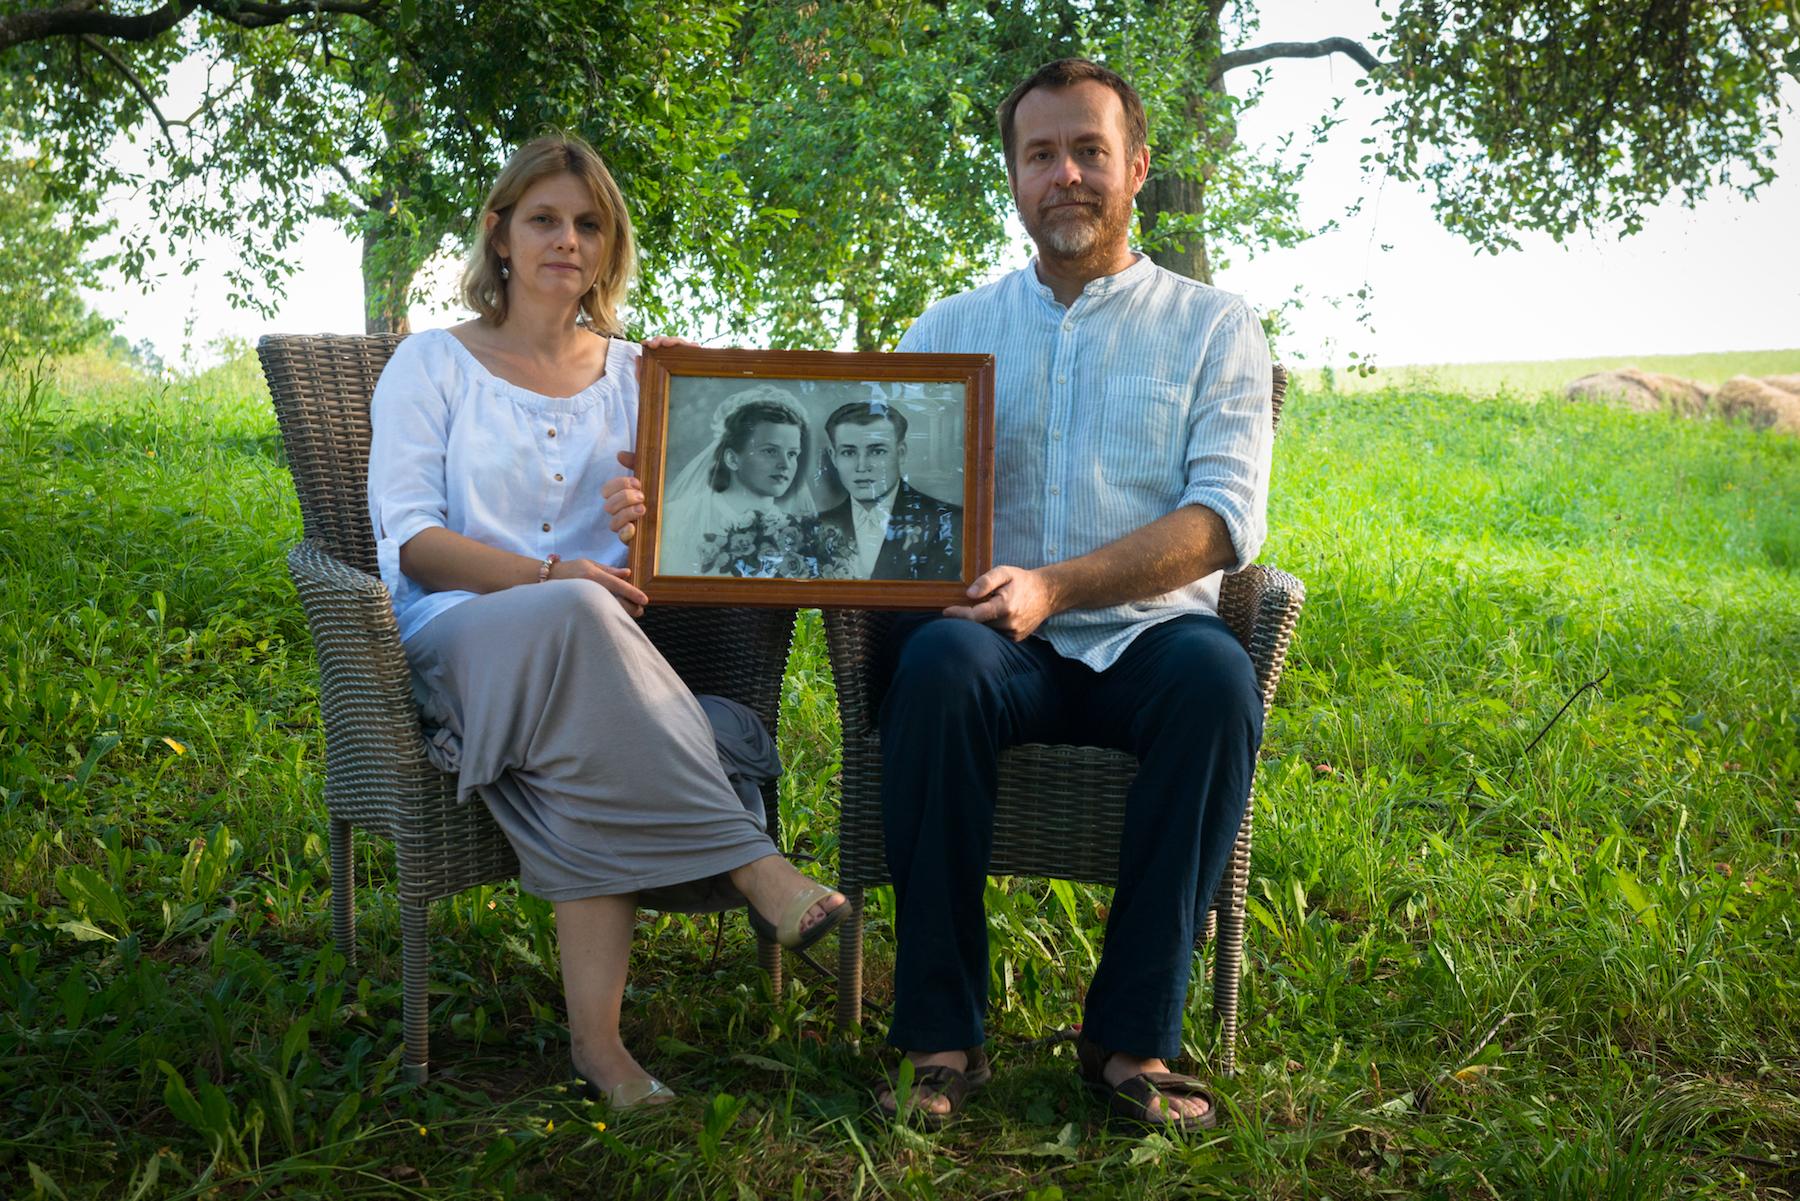 Ewelina i Krzysztof Rozpędowscy - gospodarze Villi Greta